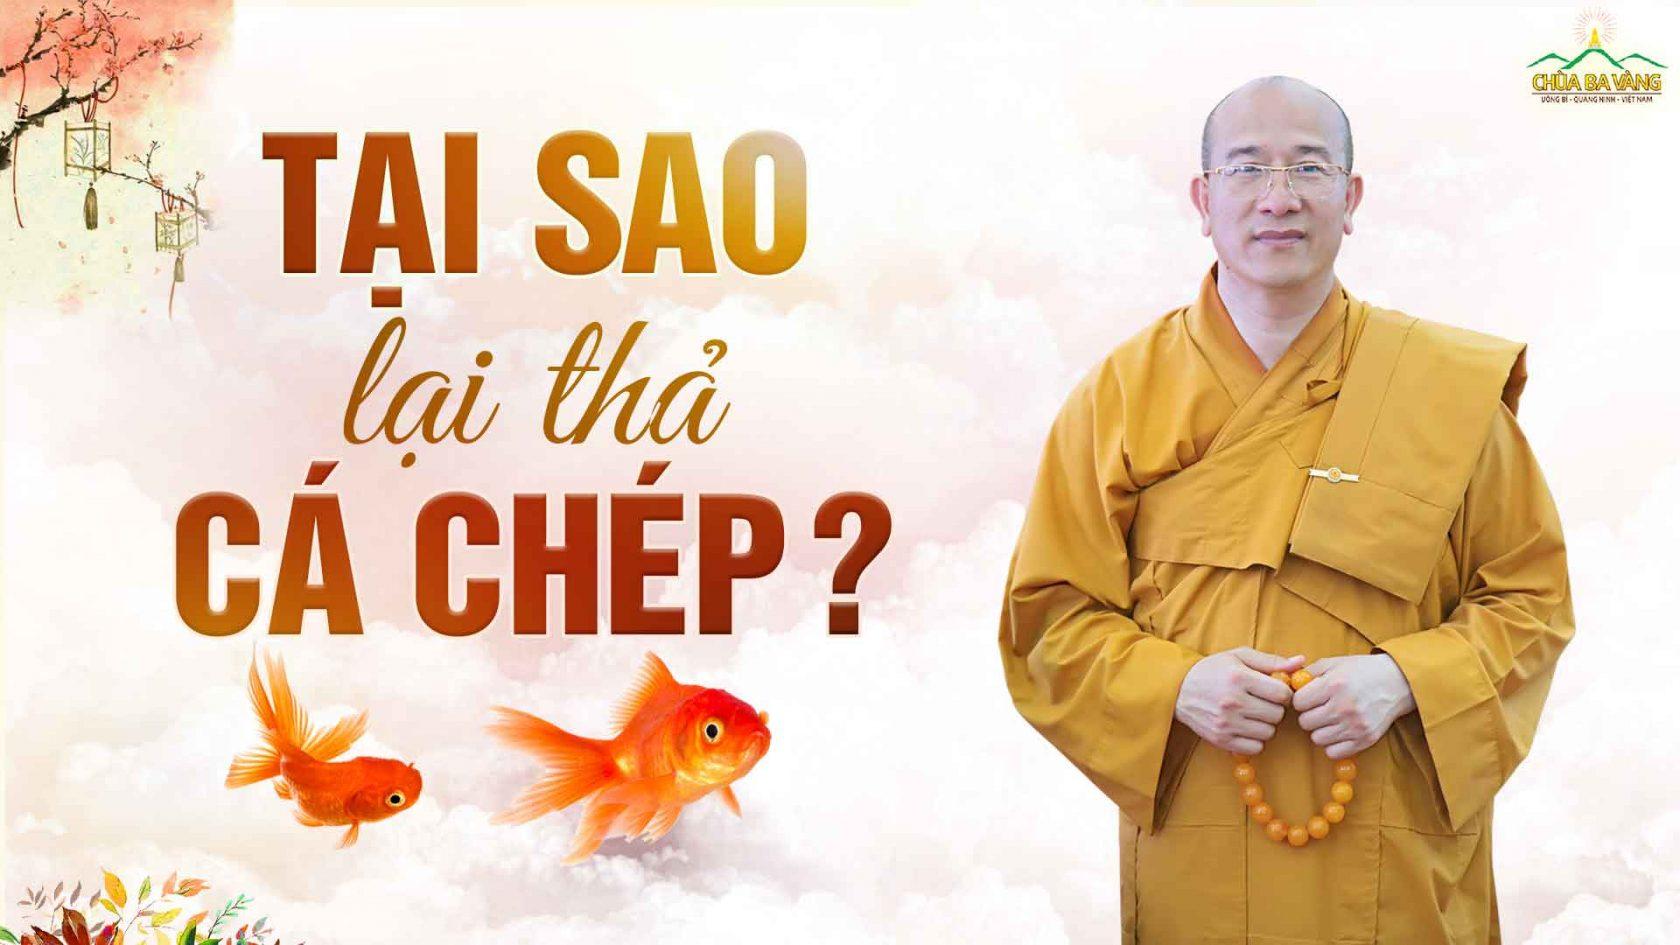 Vì sao lại thả cá chép trong ngày cúng ông Công ông Táo?